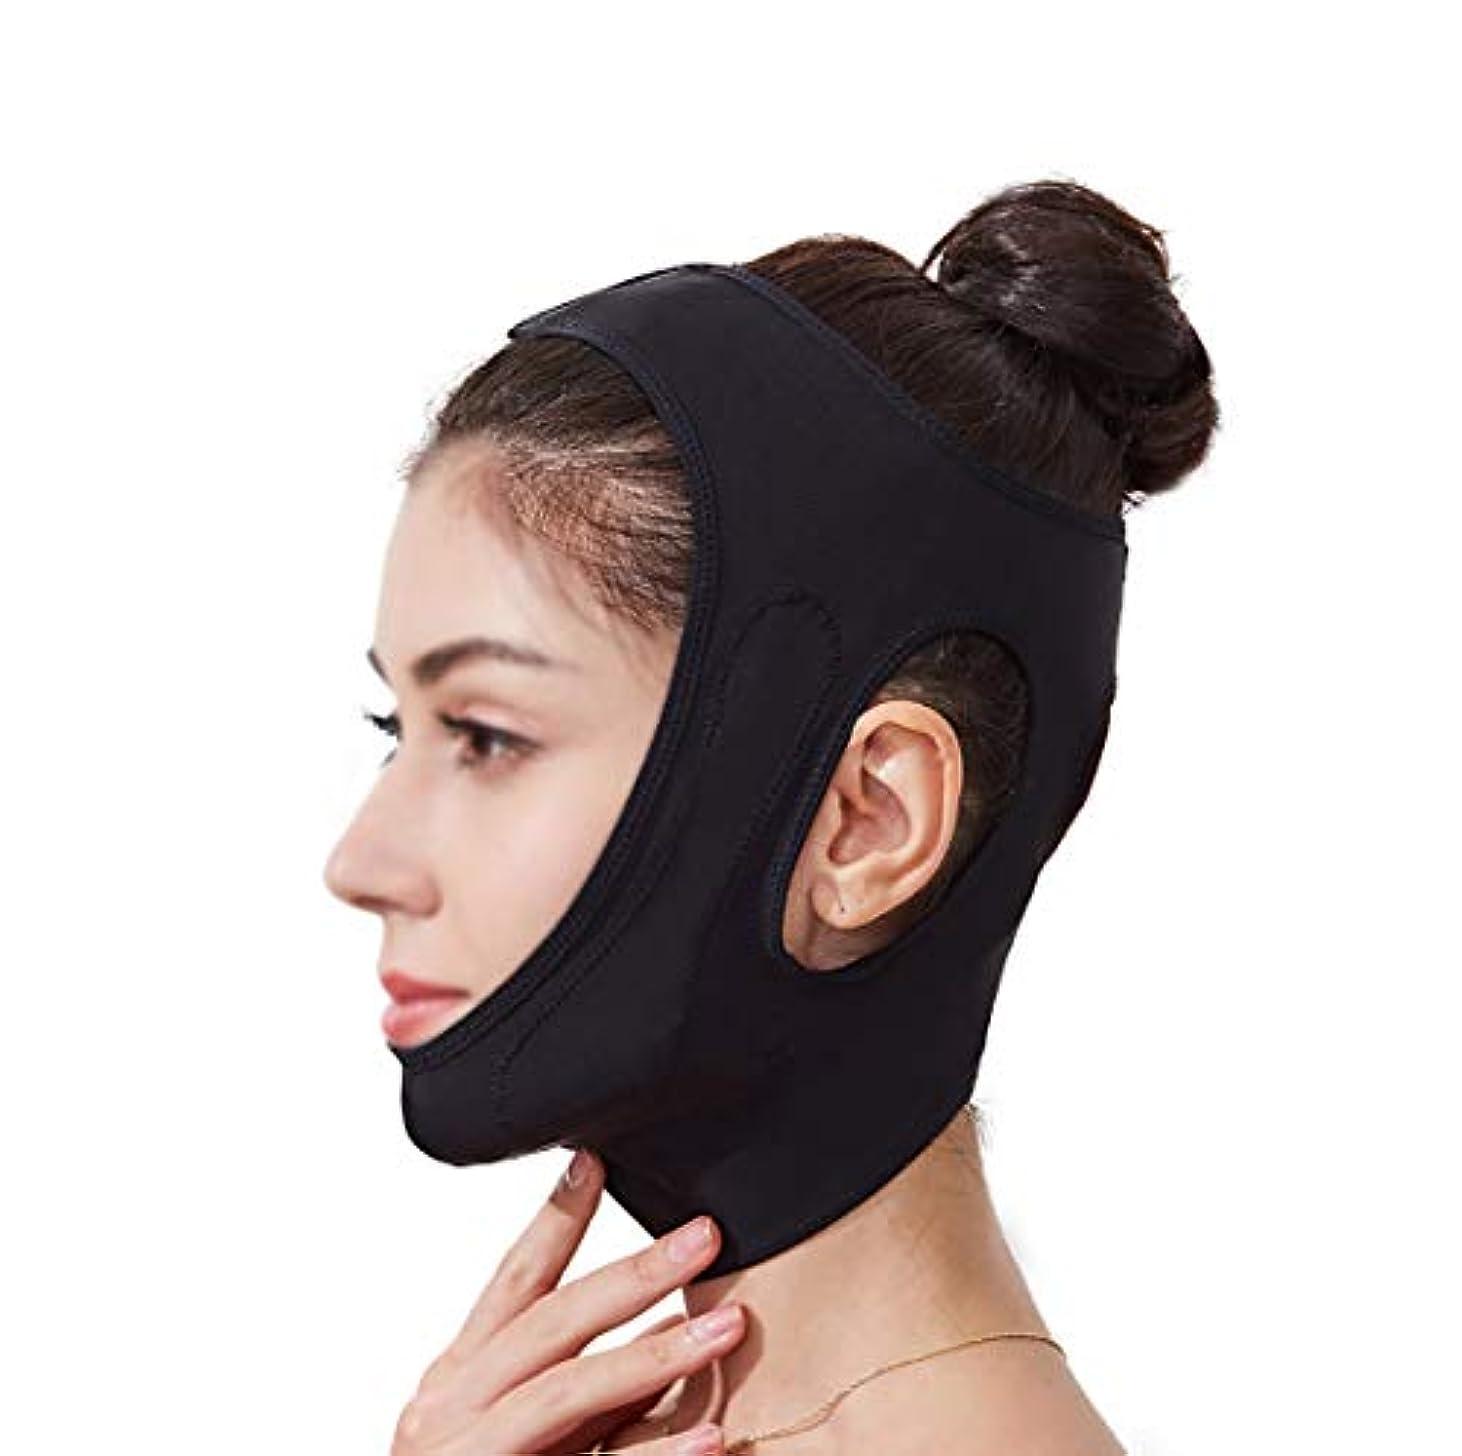 式足首受粉するLJK フェイスリフティングマスク、360°オールラウンドリフティングフェイシャルコンター、あごを閉じて肌を引き締め、快適でフェイスライトと通気性をサポート (Color : Black)